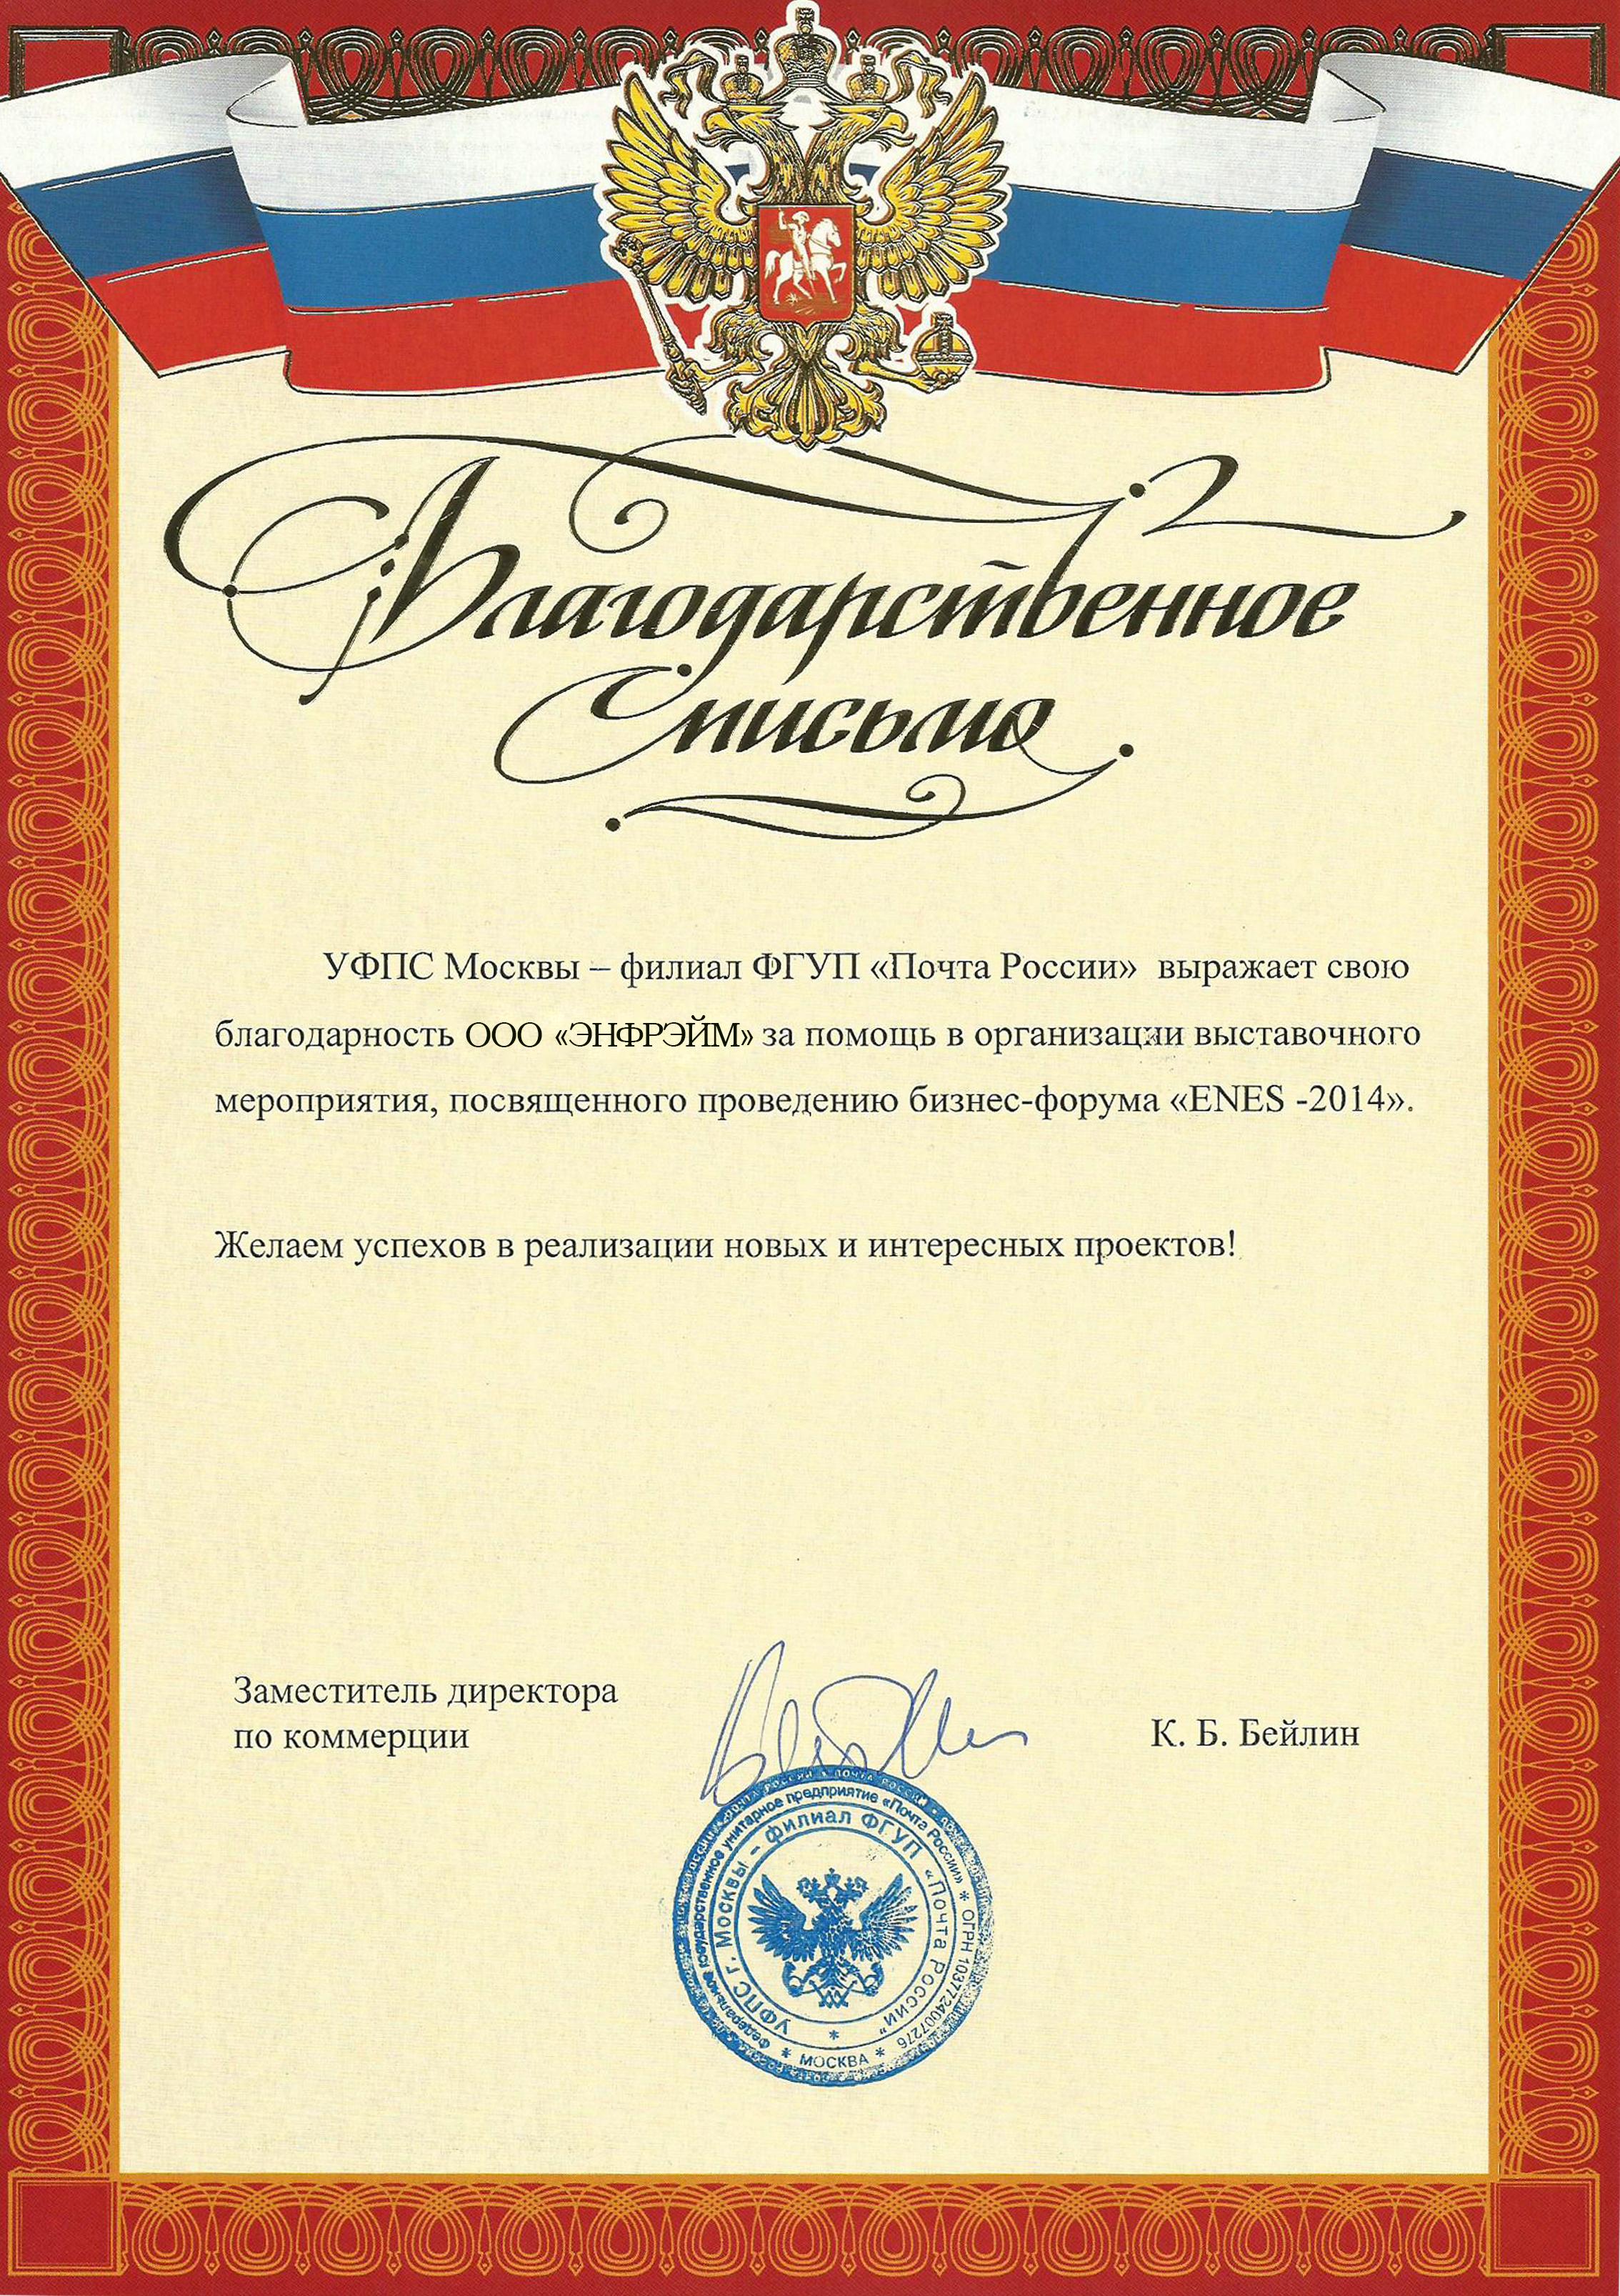 Благодарность Почты РФ за строительство мобильного стенда на Красной площади